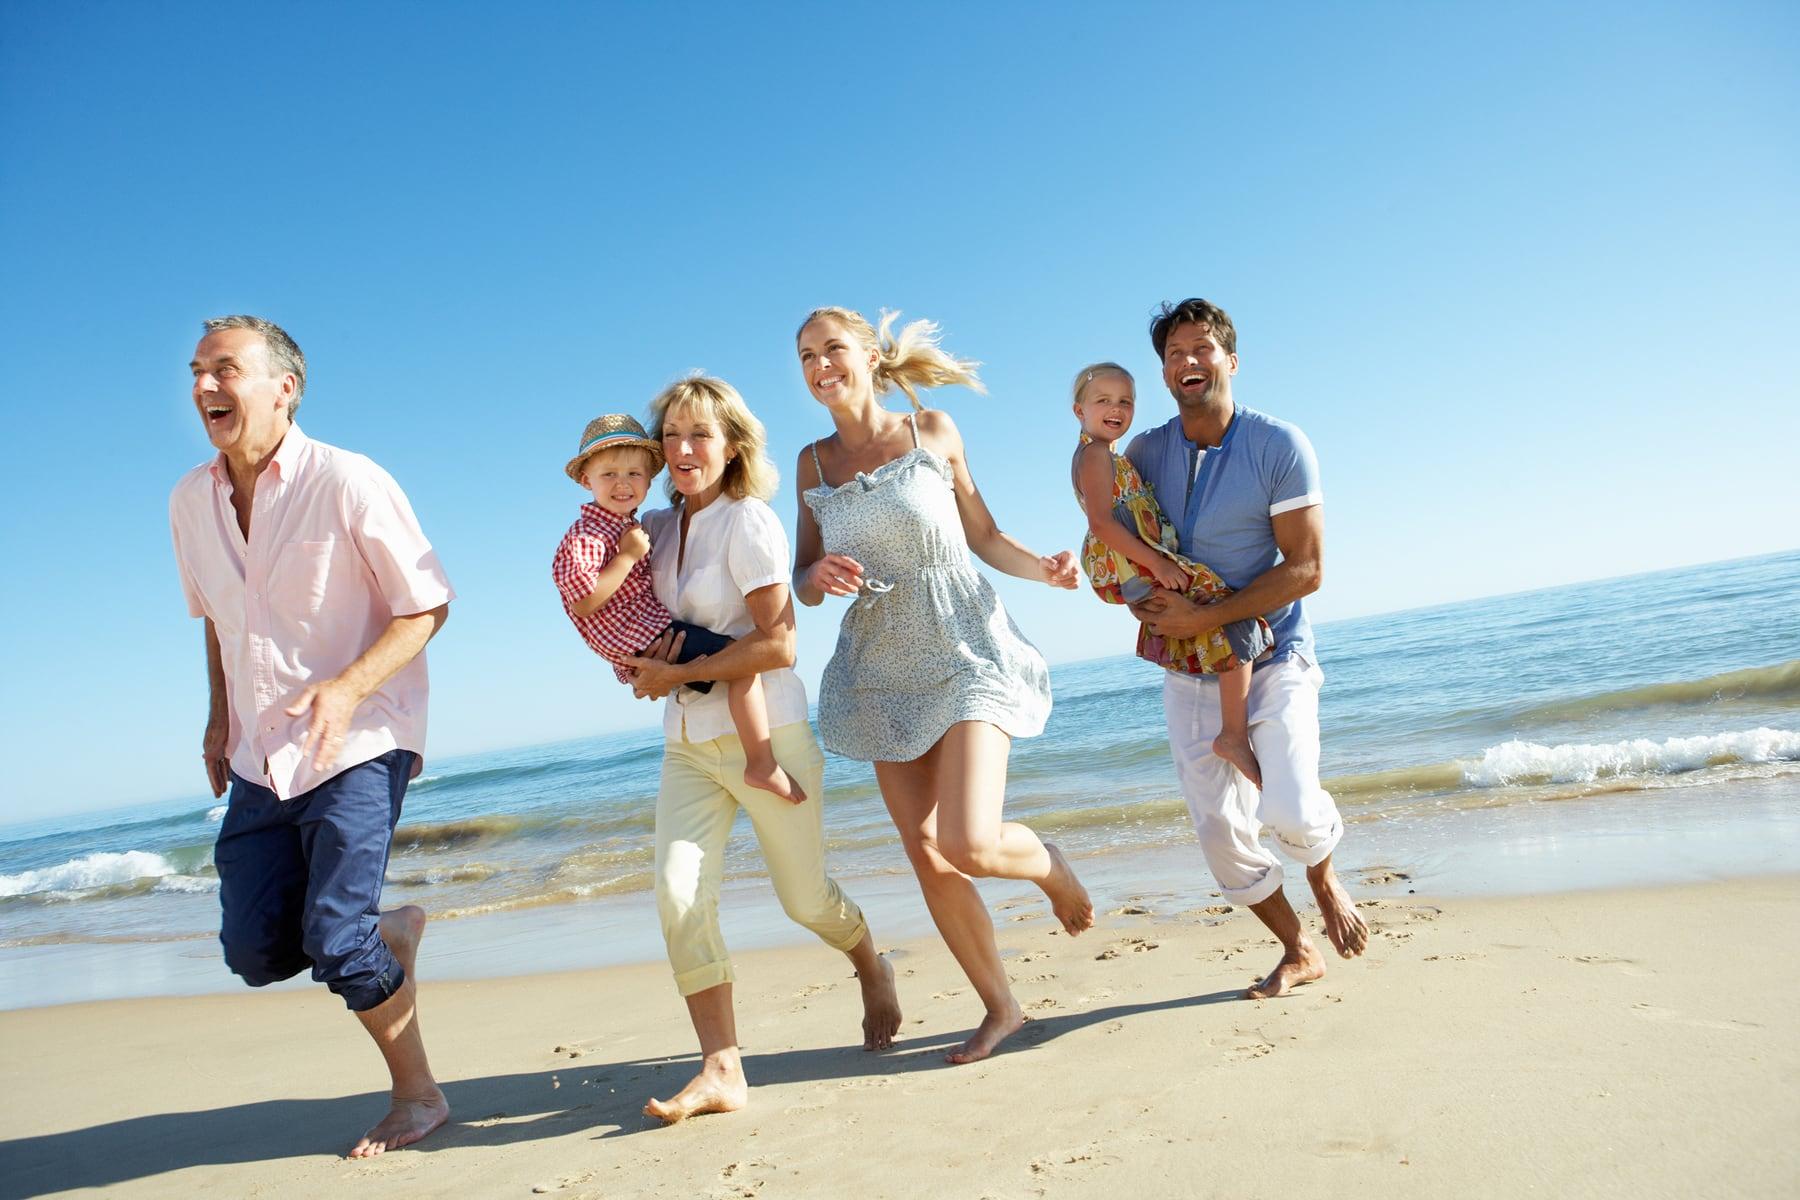 что это картинка красивого дома у моря с семьей много